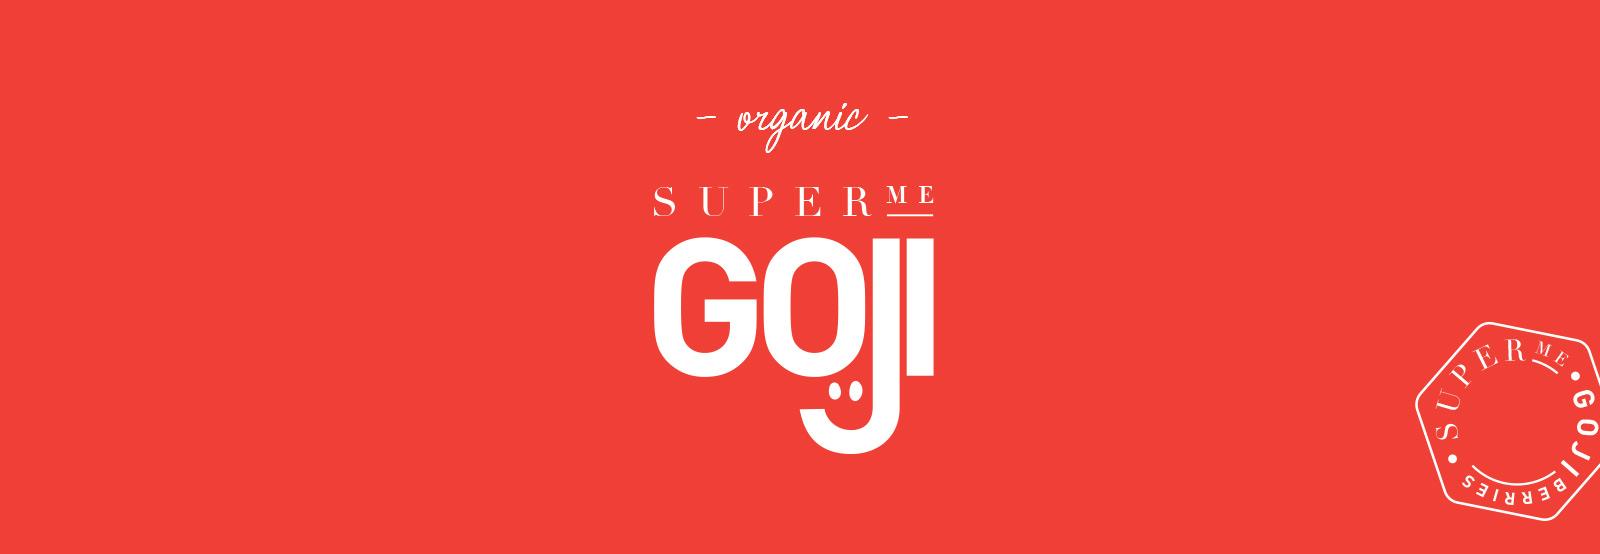 superme-logo-branding-vhf